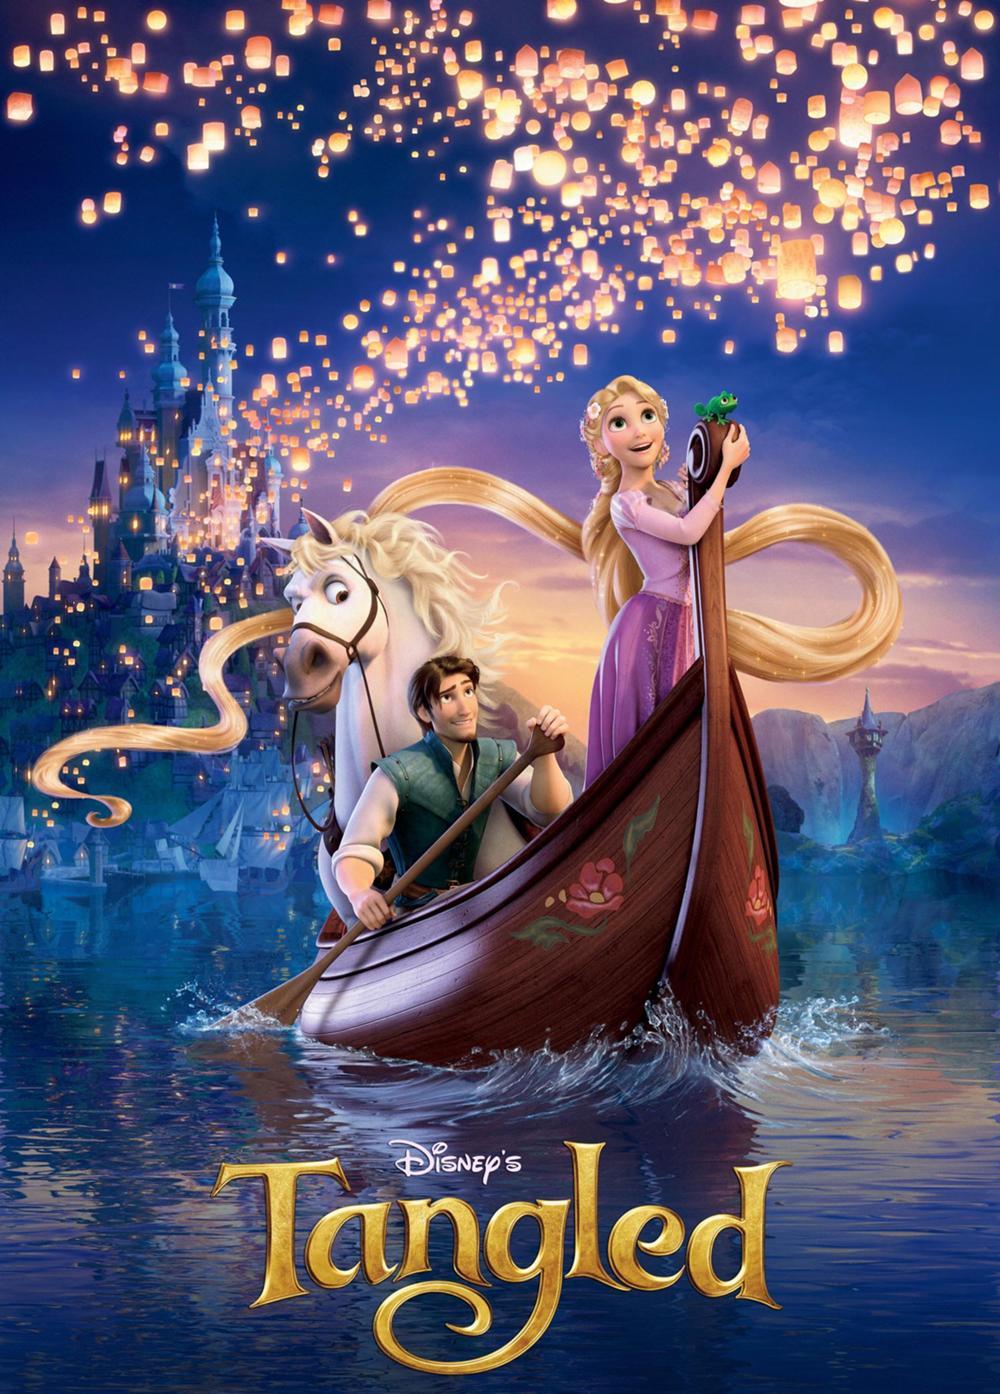 1000px-Tangled rapunzel poster 20.jpg